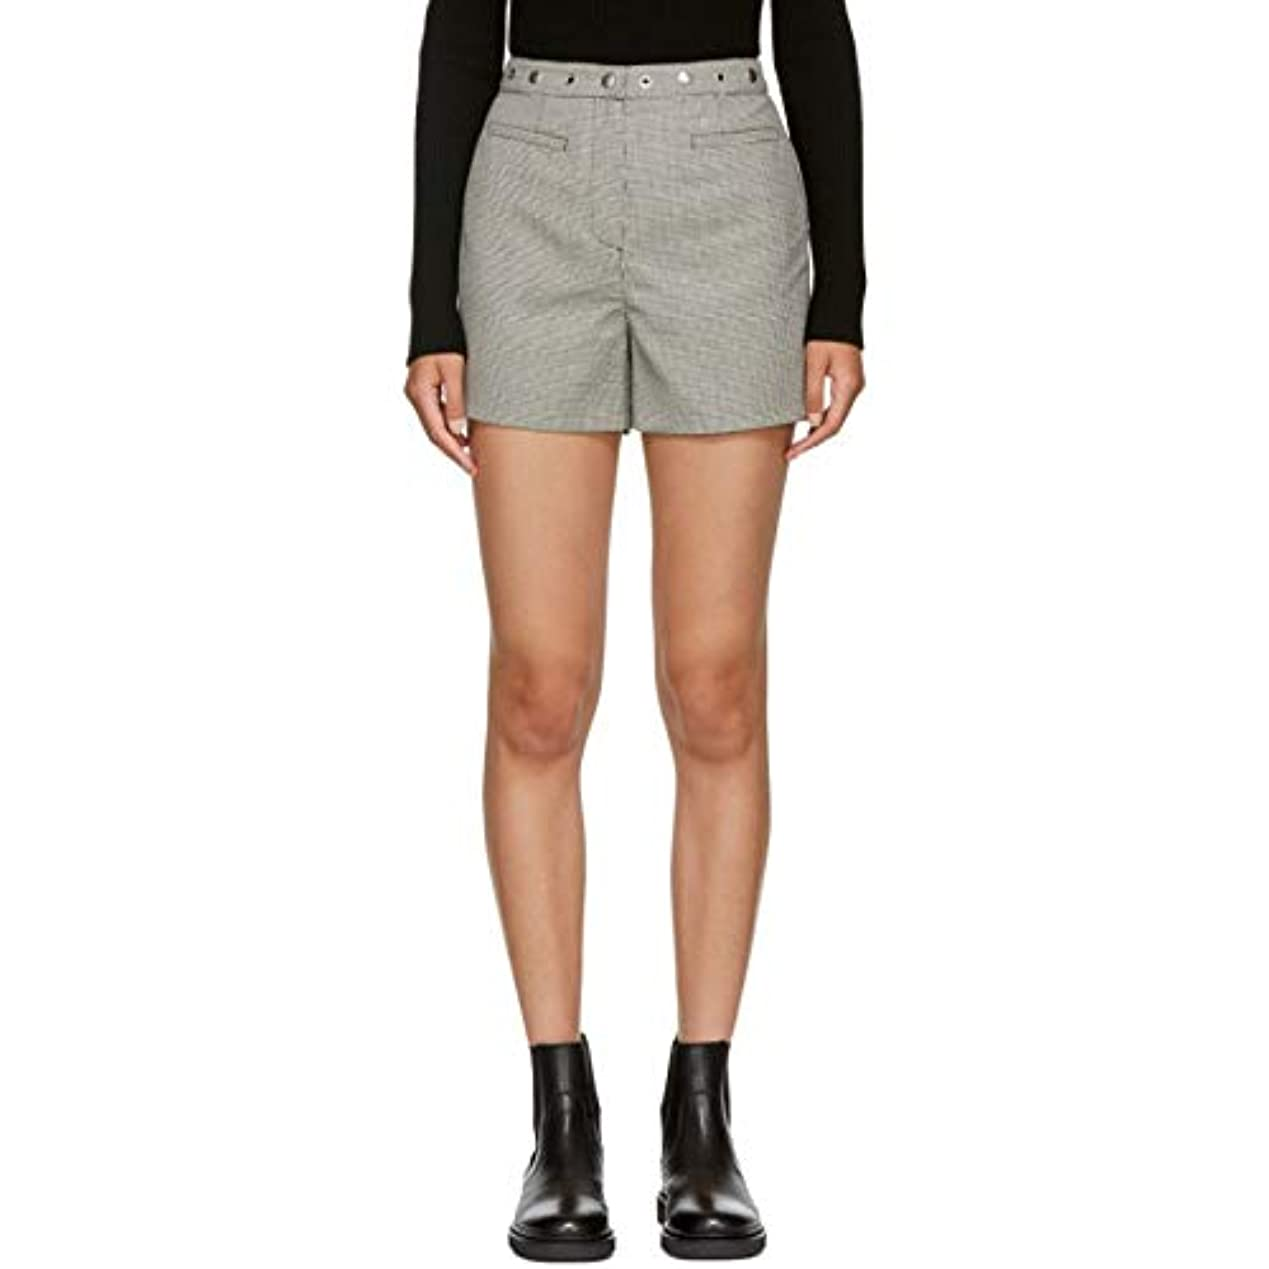 隔離光鼻(アレクサチャン) Alexachung レディース ボトムス?パンツ ショートパンツ Black & White Micro Houndstooth Shorts [並行輸入品]